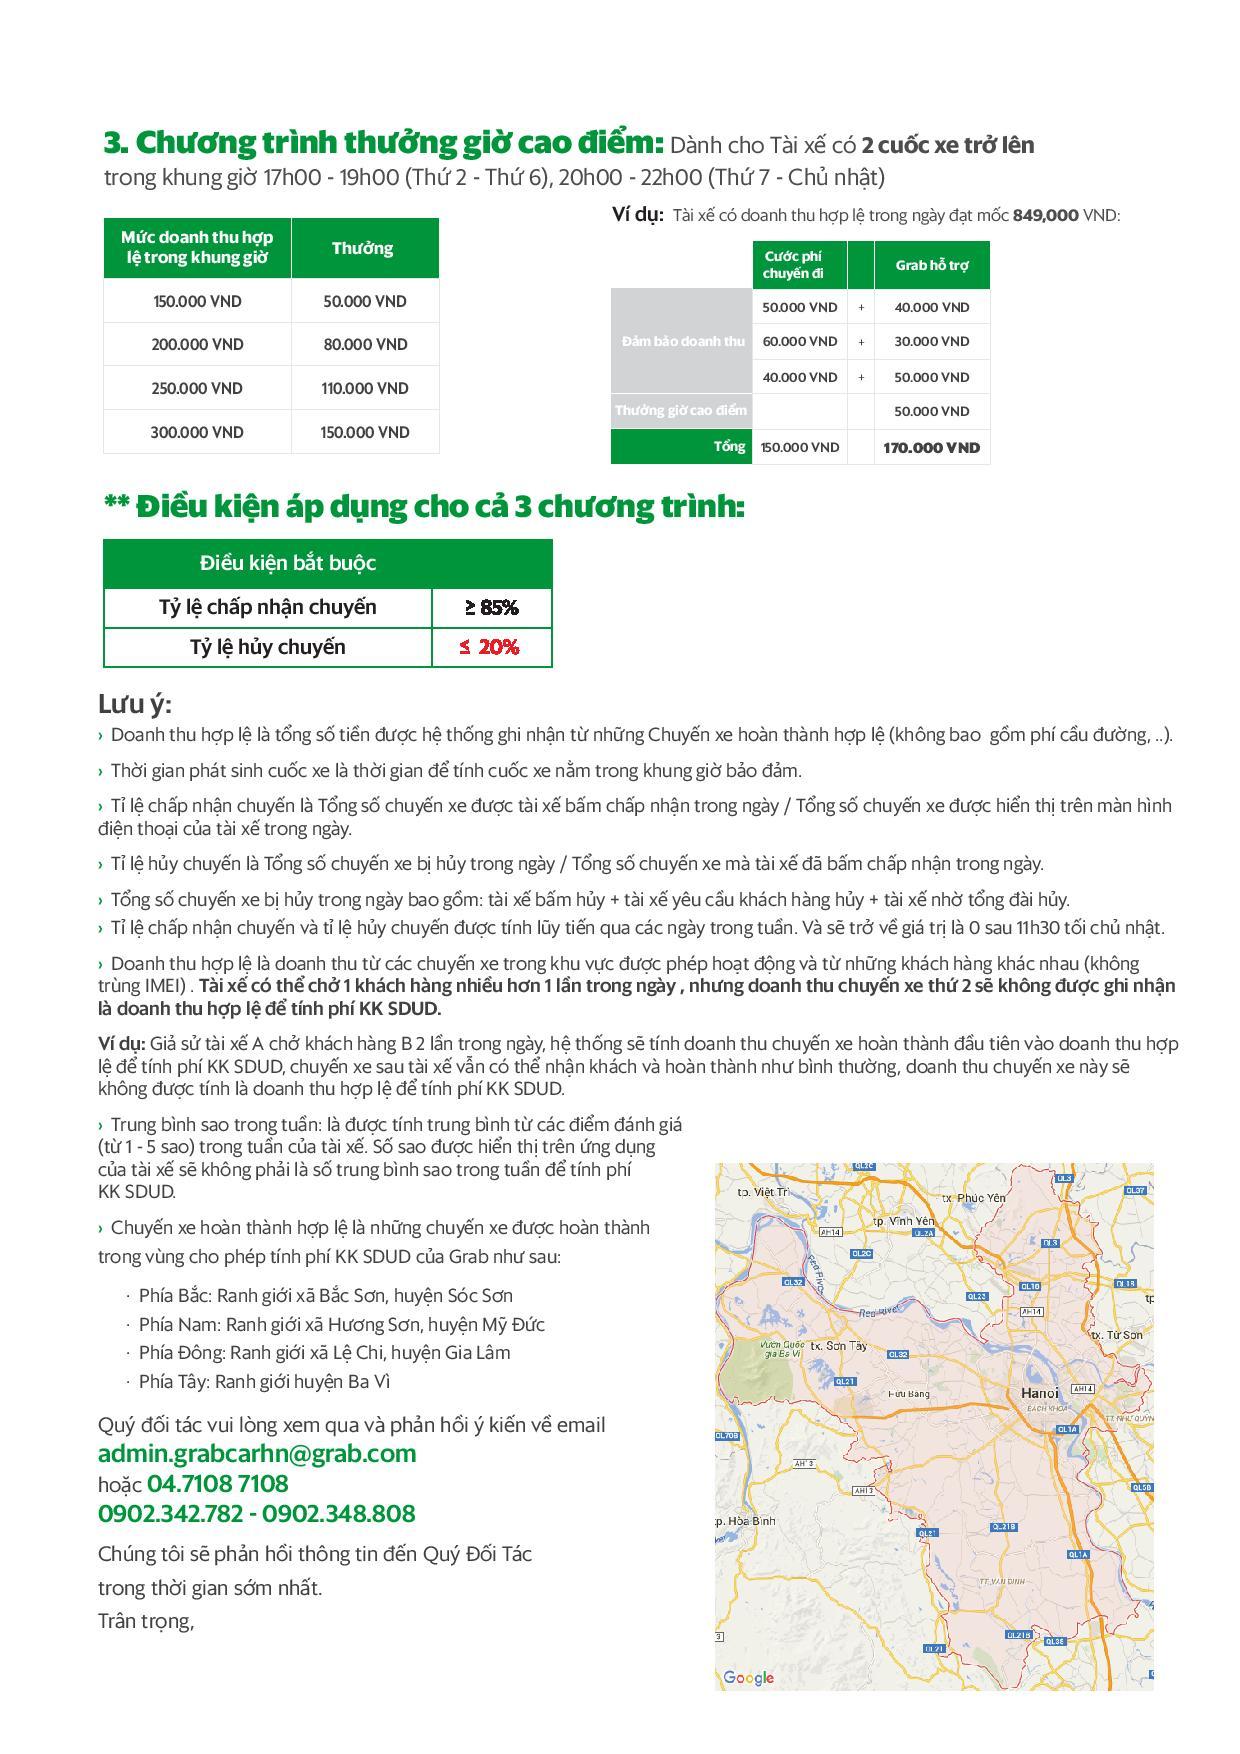 GrabCar-ChuongTrinh+ 26082016_HN-page-002